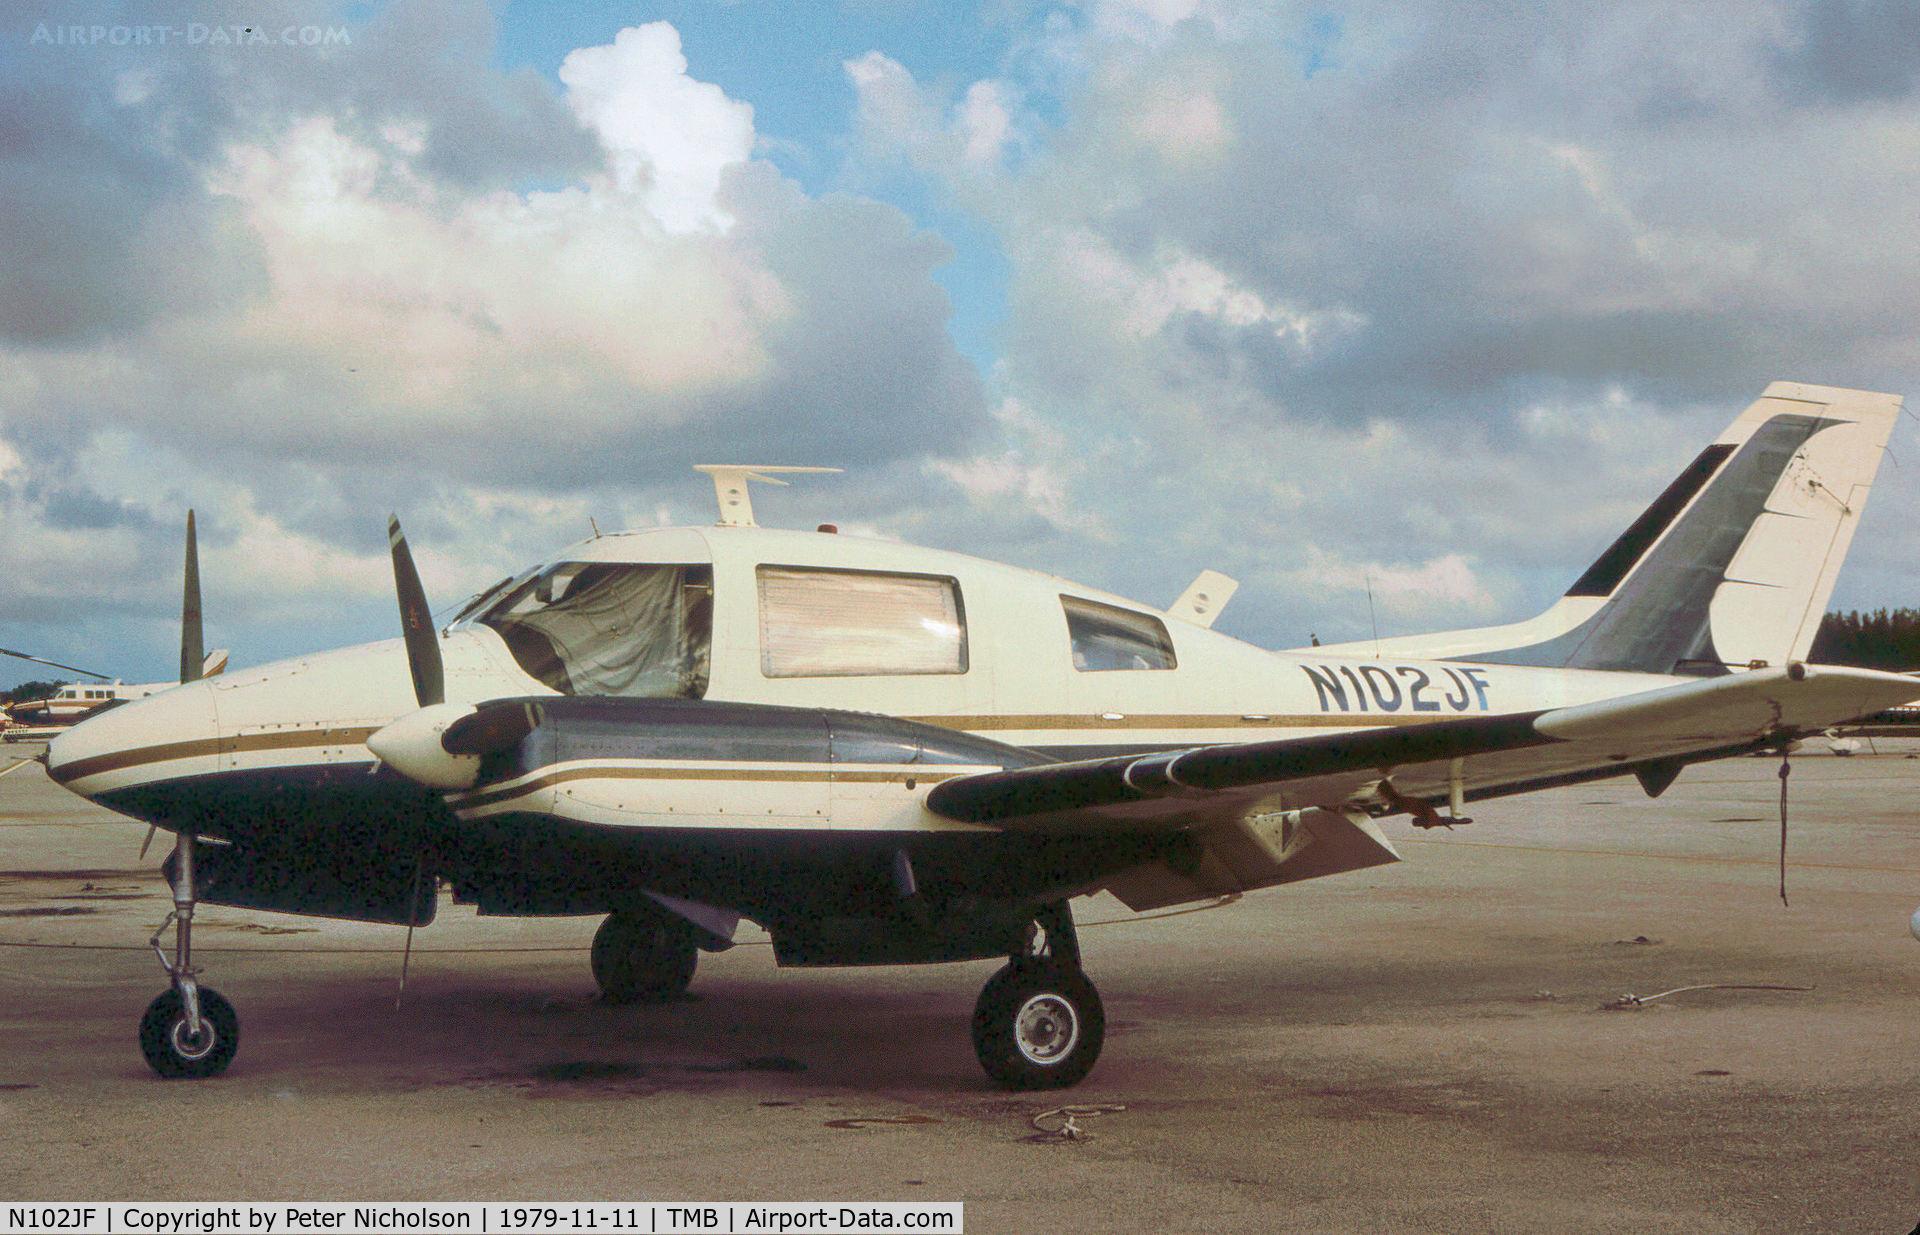 N102JF, Beagle B-206 Series 2 C/N B054, Beagle 206 as seen at New Tamiami in November 1979.